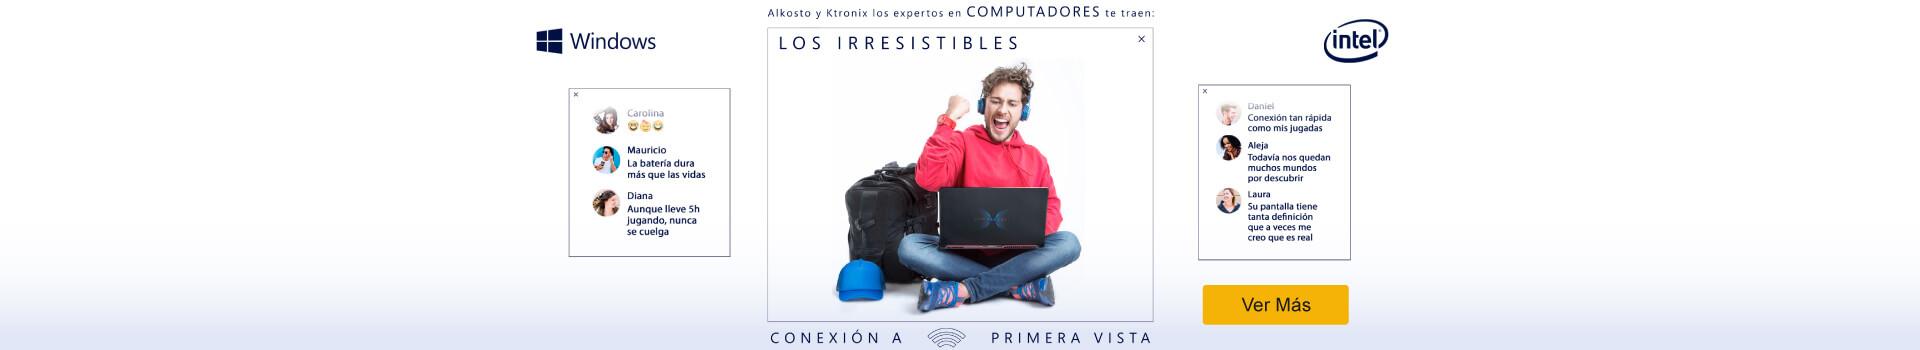 AK-KT-BCAT-6-computadores y tablets-DCAT-EXP-Microsoft / Intel-Computadores Irresistibles-Sep18